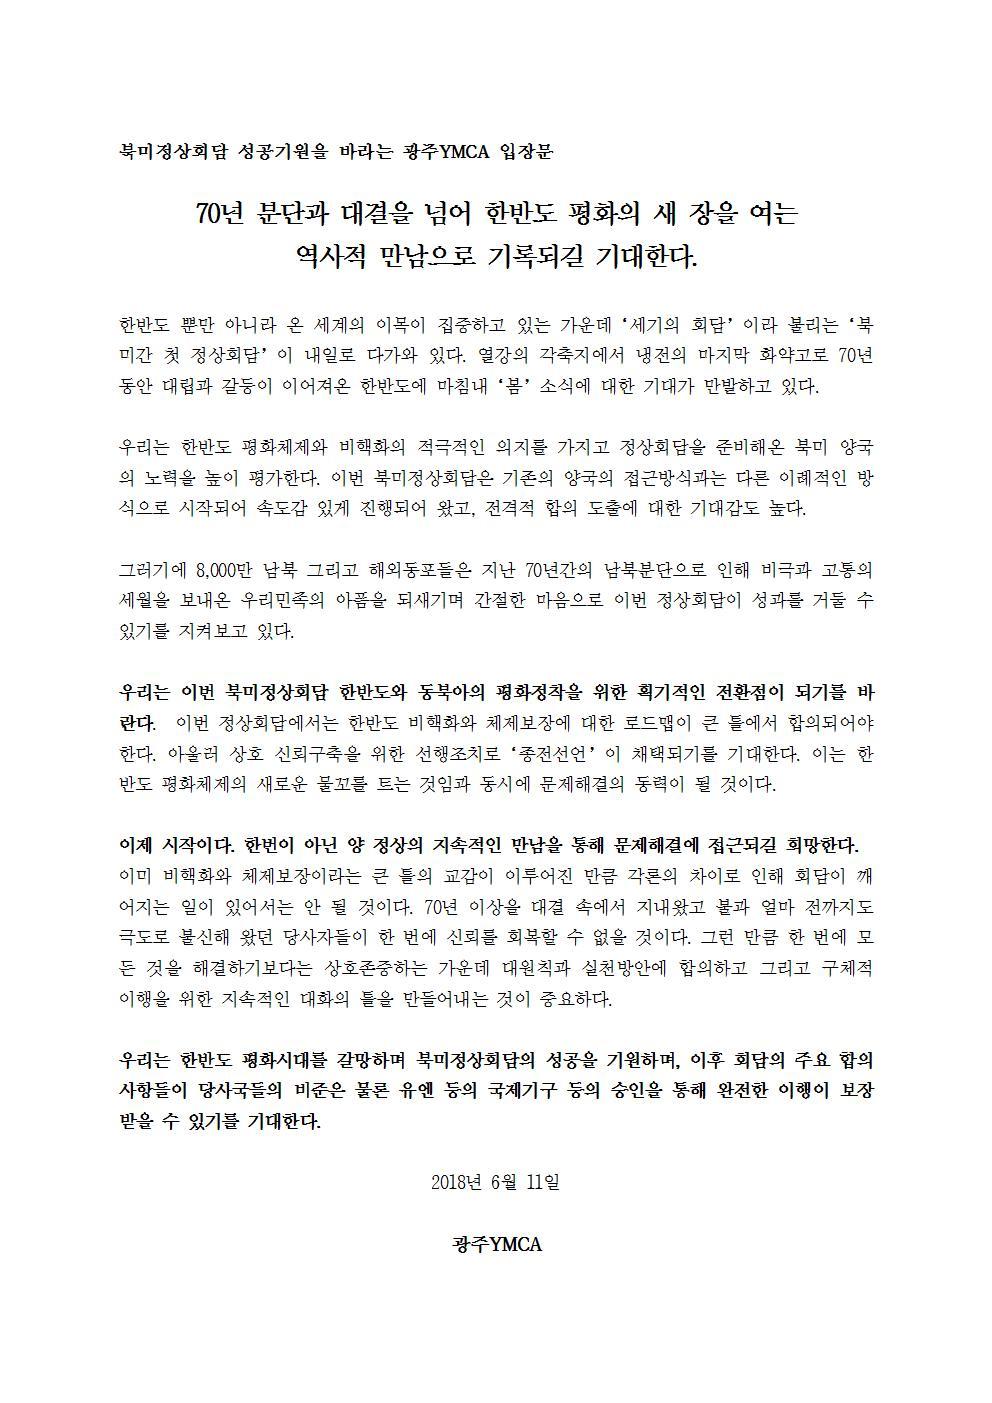 북미회담 공동입장문.jpg